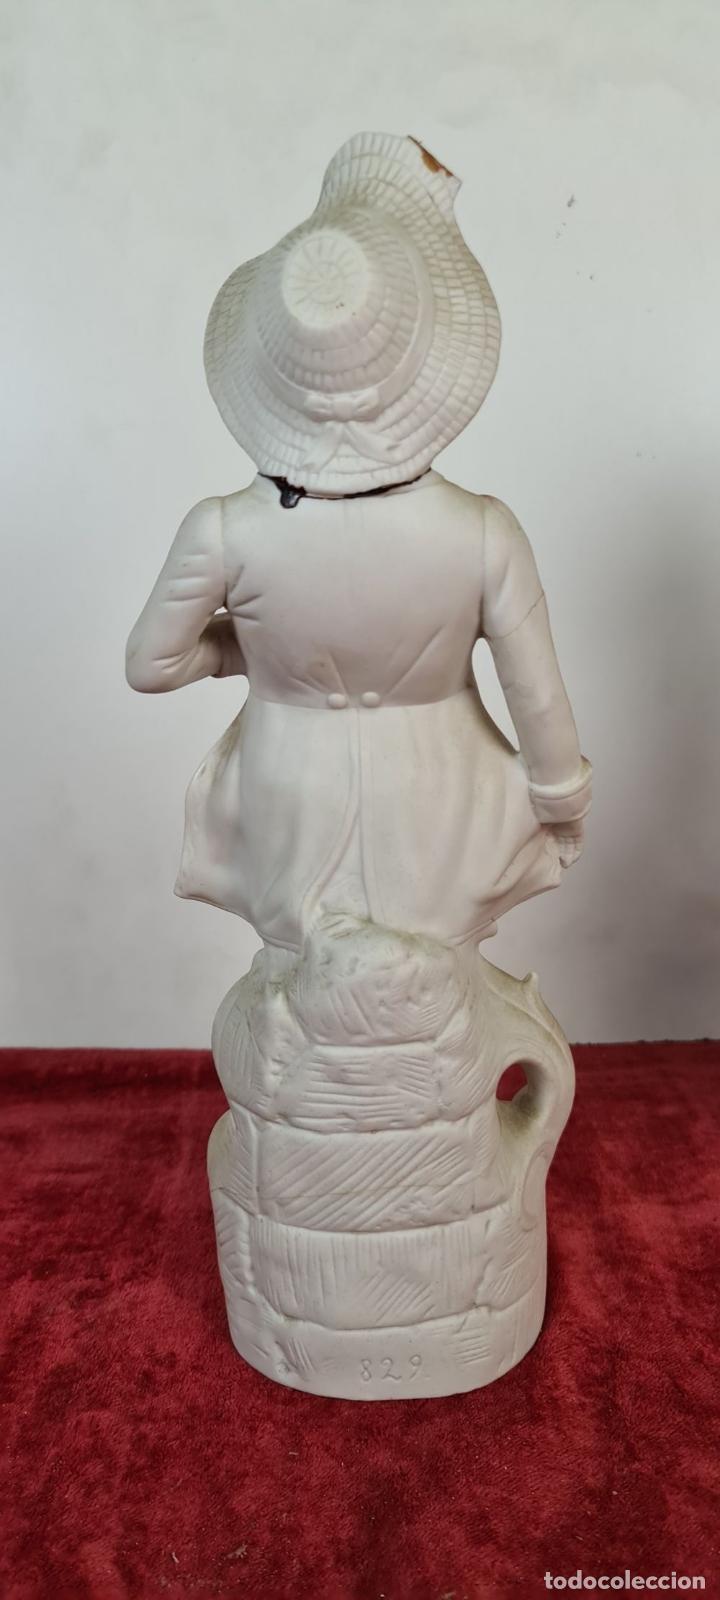 Antigüedades: PAREJA DE JOVENES EN PORCELANA. BISCUIT. PINTADOS A MANO. ALEMANIA. SIGLO XX. - Foto 5 - 220236906